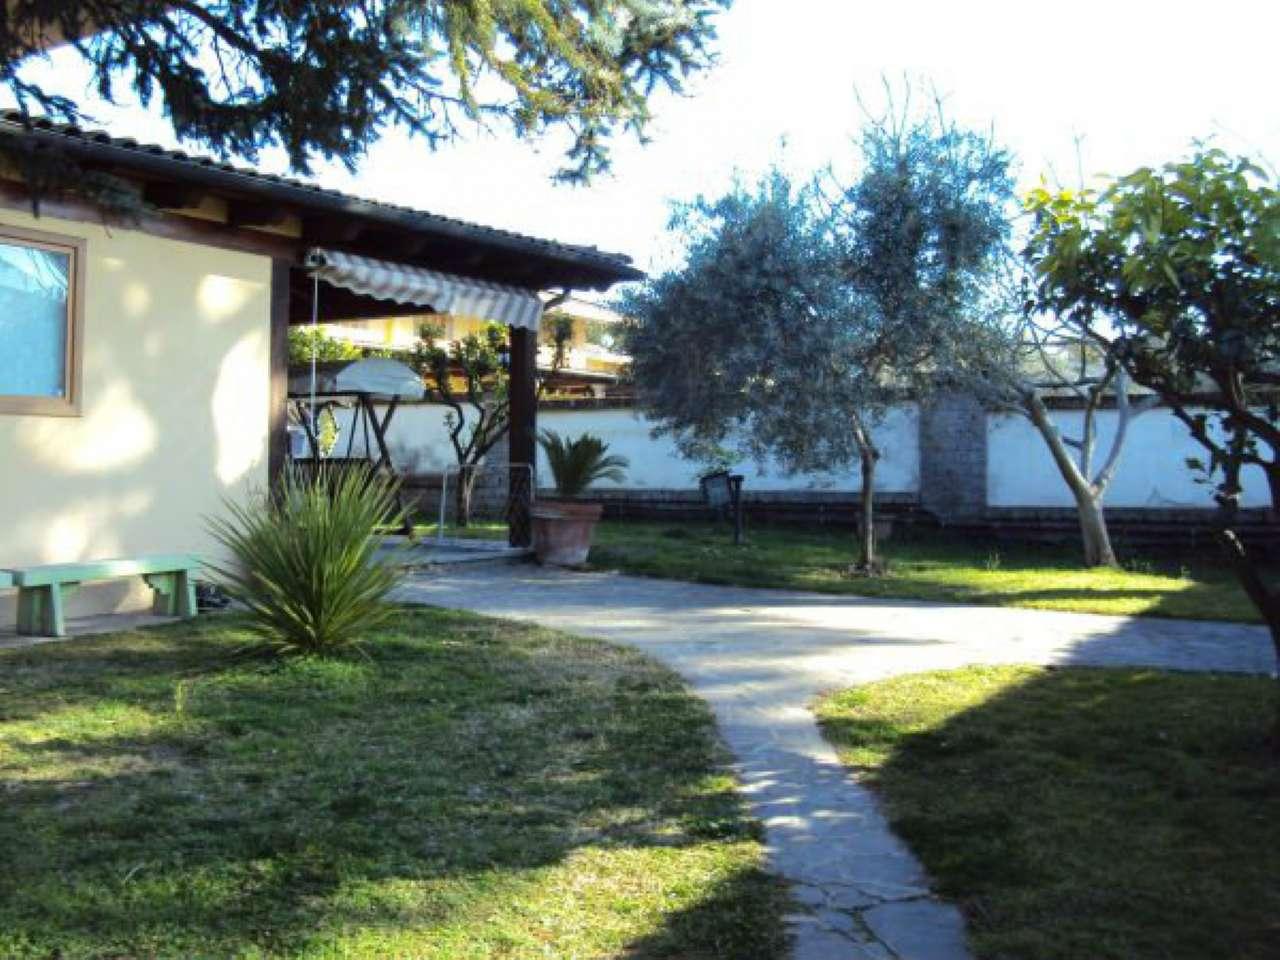 Villa in vendita a Roma, 15 locali, zona Zona: 5 . Montesacro - Talenti, prezzo € 1.100.000 | CambioCasa.it